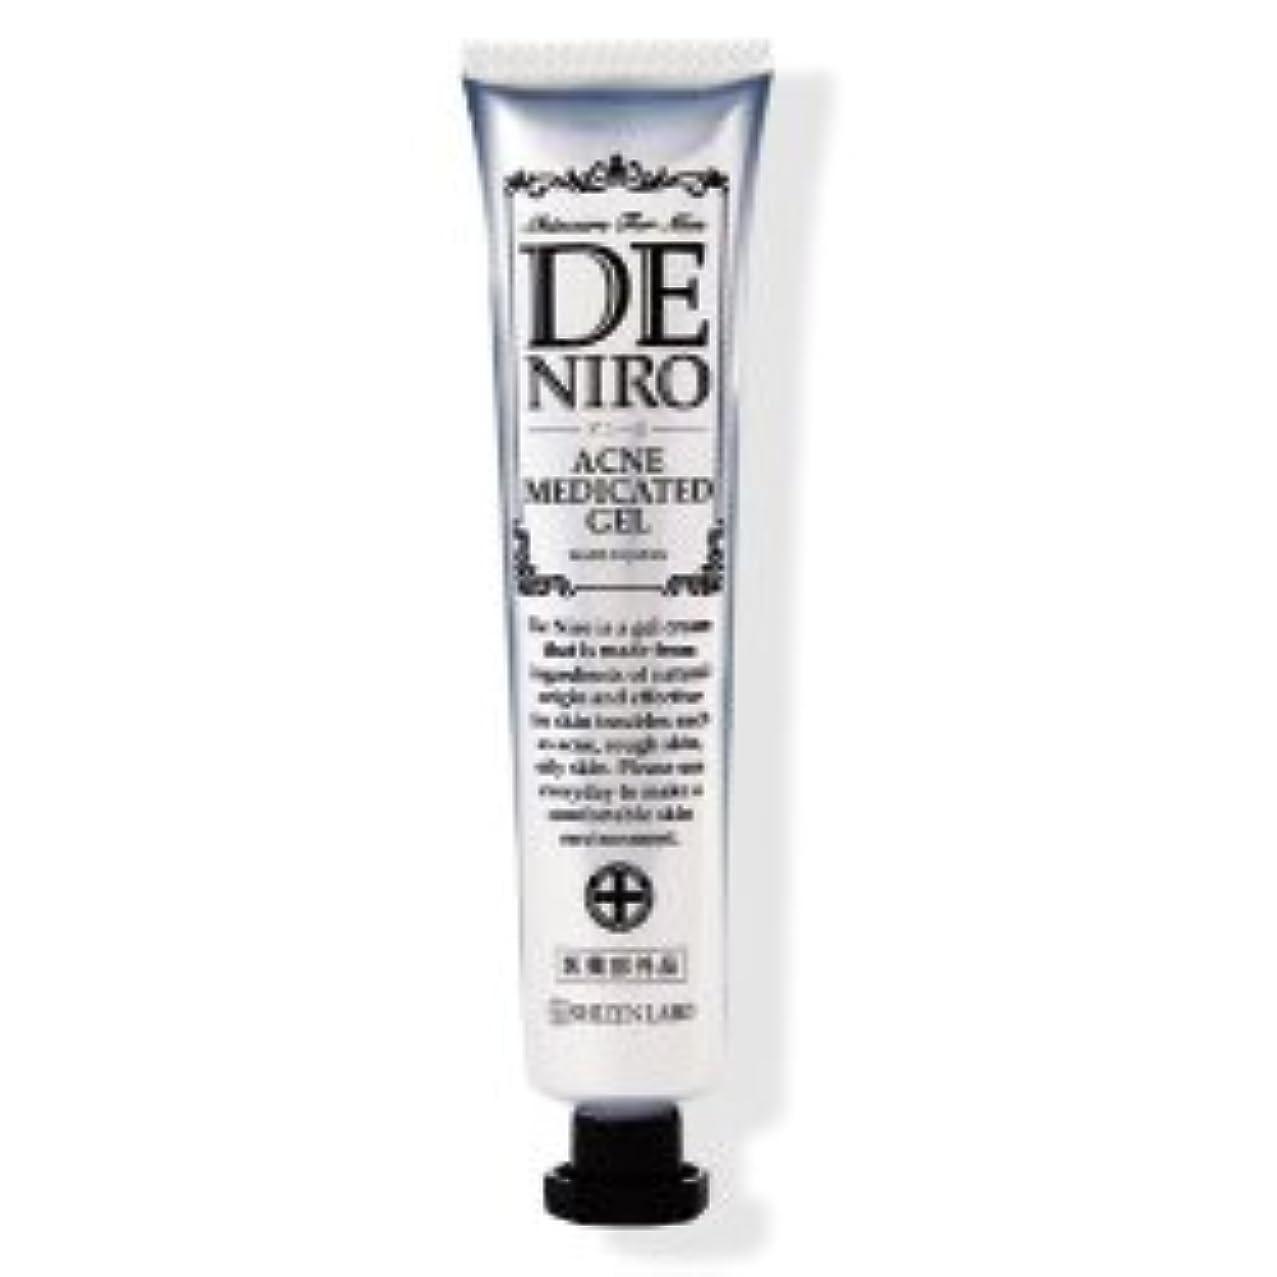 中止しますテーママトンデニーロ 45g (約1ヵ月分)【公式】薬用 DE NIRO 男のニキビ クリーム